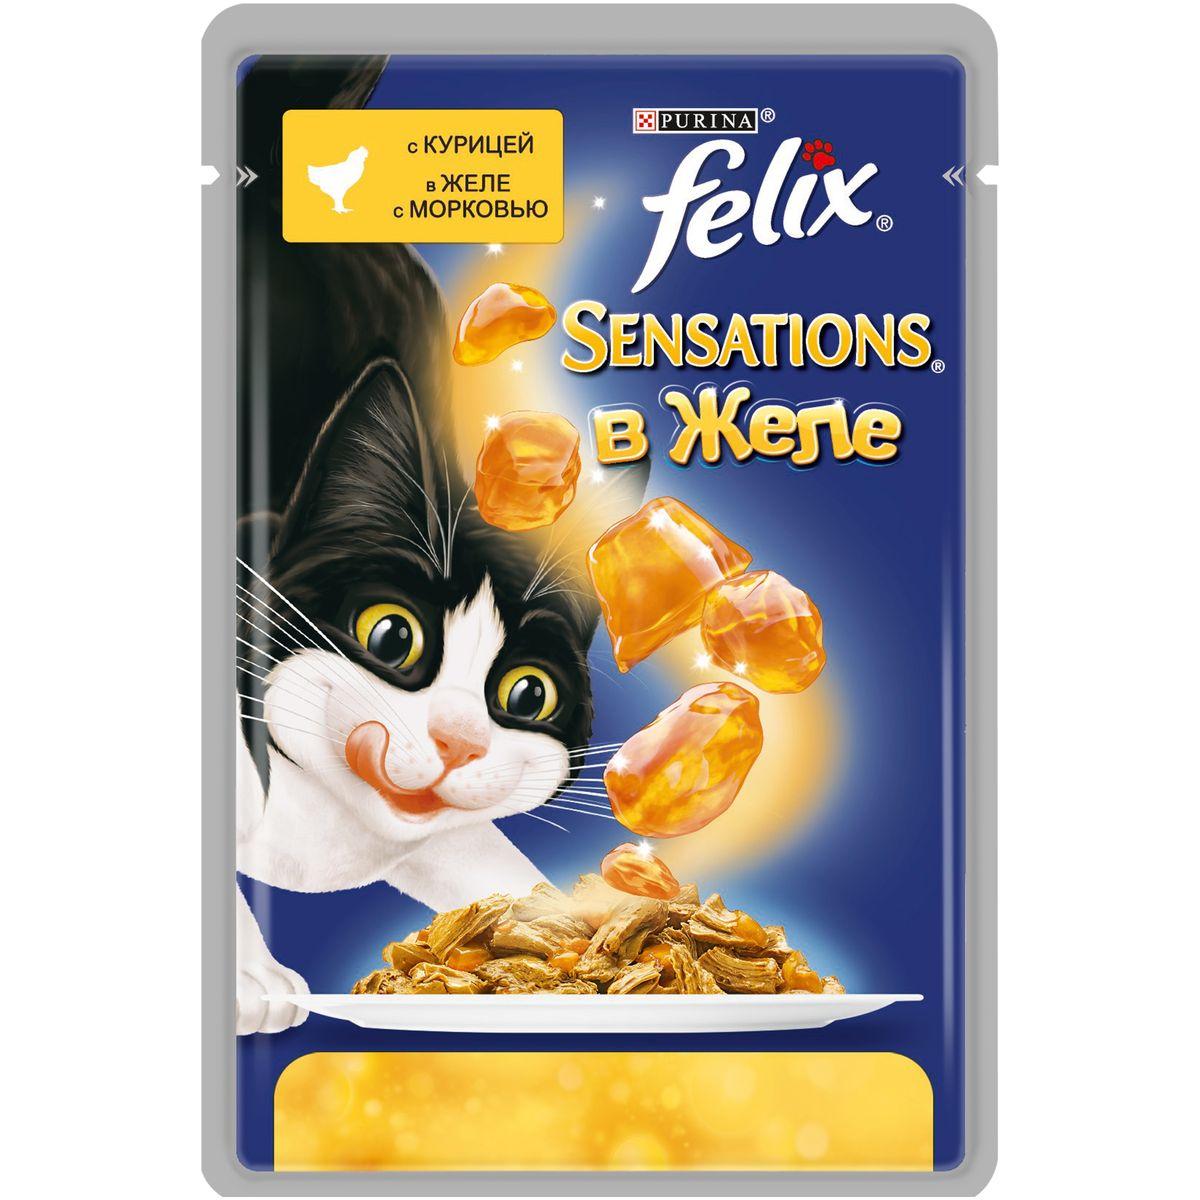 Консервы для кошек Felix Sensations, с курицей в желе с морковью, 85 г0120710Консервированный корм для кошек Felix с курицей в желе с морковью - полнорационный корм для взрослых кошек. Это нежные кусочки с мясом или рыбой, покрытые сочным желе с разными вкусами: томатов, моркови, шпината. Ароматные желе делают вкус корма особенно аппетитным и привлекательным для вашего питомца. Ваш кот будет есть такую вкуснятину хоть каждый день - на завтрак, обед и ужин. Рекомендации по кормлению: Для взрослой кошки среднего веса (4кг) требуется примерно 3 пакетика в день. Кормление желательно разделить на два приема. Для беременных или кормящих кошек кормление без ограничений. Подавать корм при комнатной температуре. Следите, чтобы у вашей кошки всегда была чистая, свежая питьевая вода.Вес: 85 г. Состав: мясо и продукты переработки мяса (19%, из которых курица 4%), экстракт растительного белка, рыба и рыбные субпродукты, овощи (морковь 4% в желе), минеральные вещества, сахара, красители, витамины. Добавленные вещества: МЕ/кг: витамин A: 720, витамин D3: 110, витамин Е: 15; мг/кг: железо: 8, йод: 0,2, медь: 0,7, марганец: 1,6, цинк: 15. Гарантируемые показатели: белок: 13,0%, жир: 3,0%, сырая зола 2,2%, сырая клетчатка 0,5%, линолевая кислота (Омега 6 жирные кислоты):0,2%, таурин: 0,045%. Товар сертифицирован.